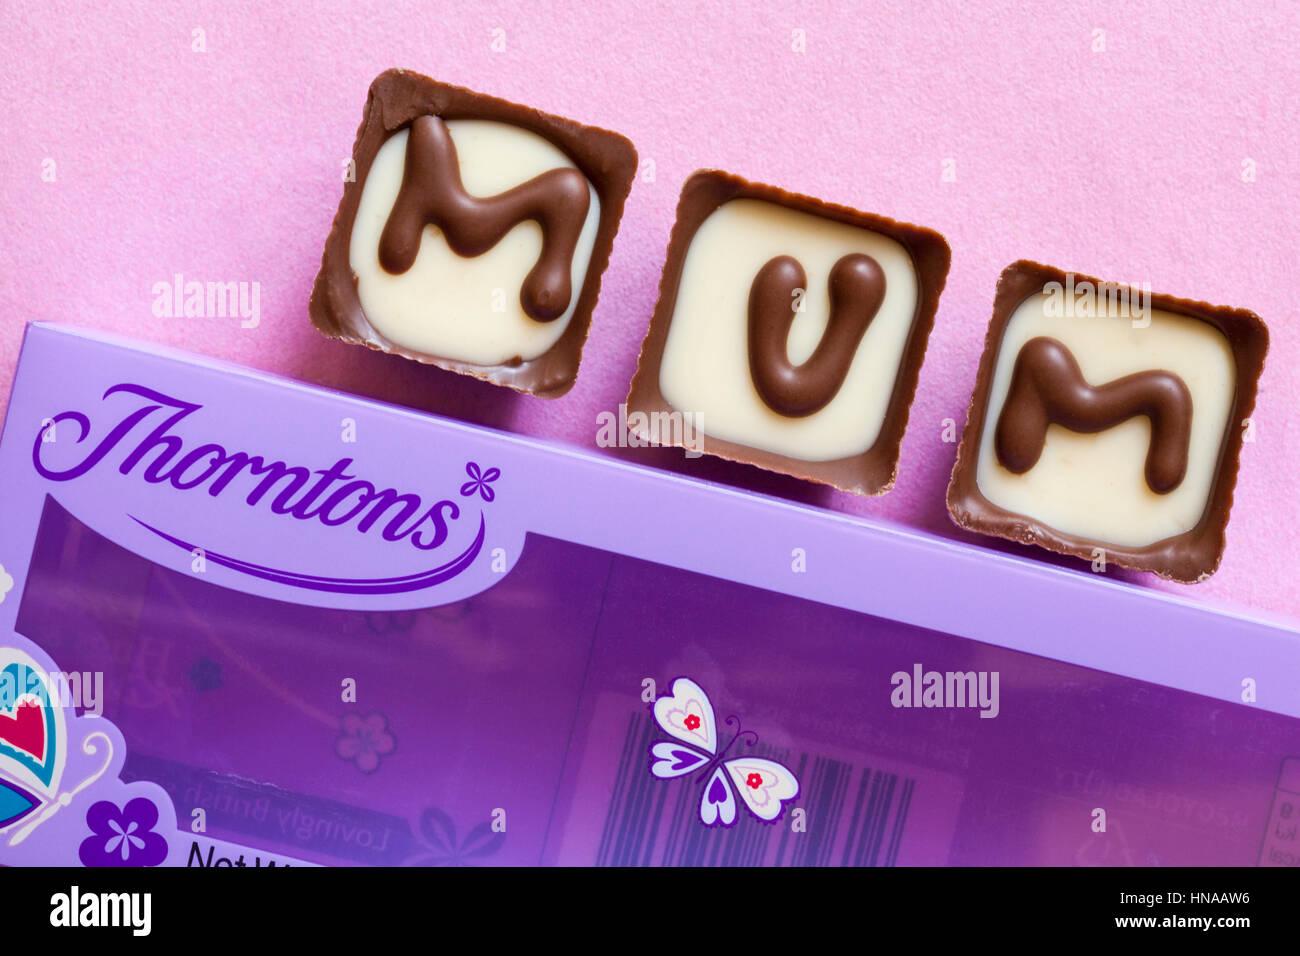 Thorntons mamma cioccolatini perfetta come madri giorno Mothering Domenica, presente su sfondo rosa Immagini Stock